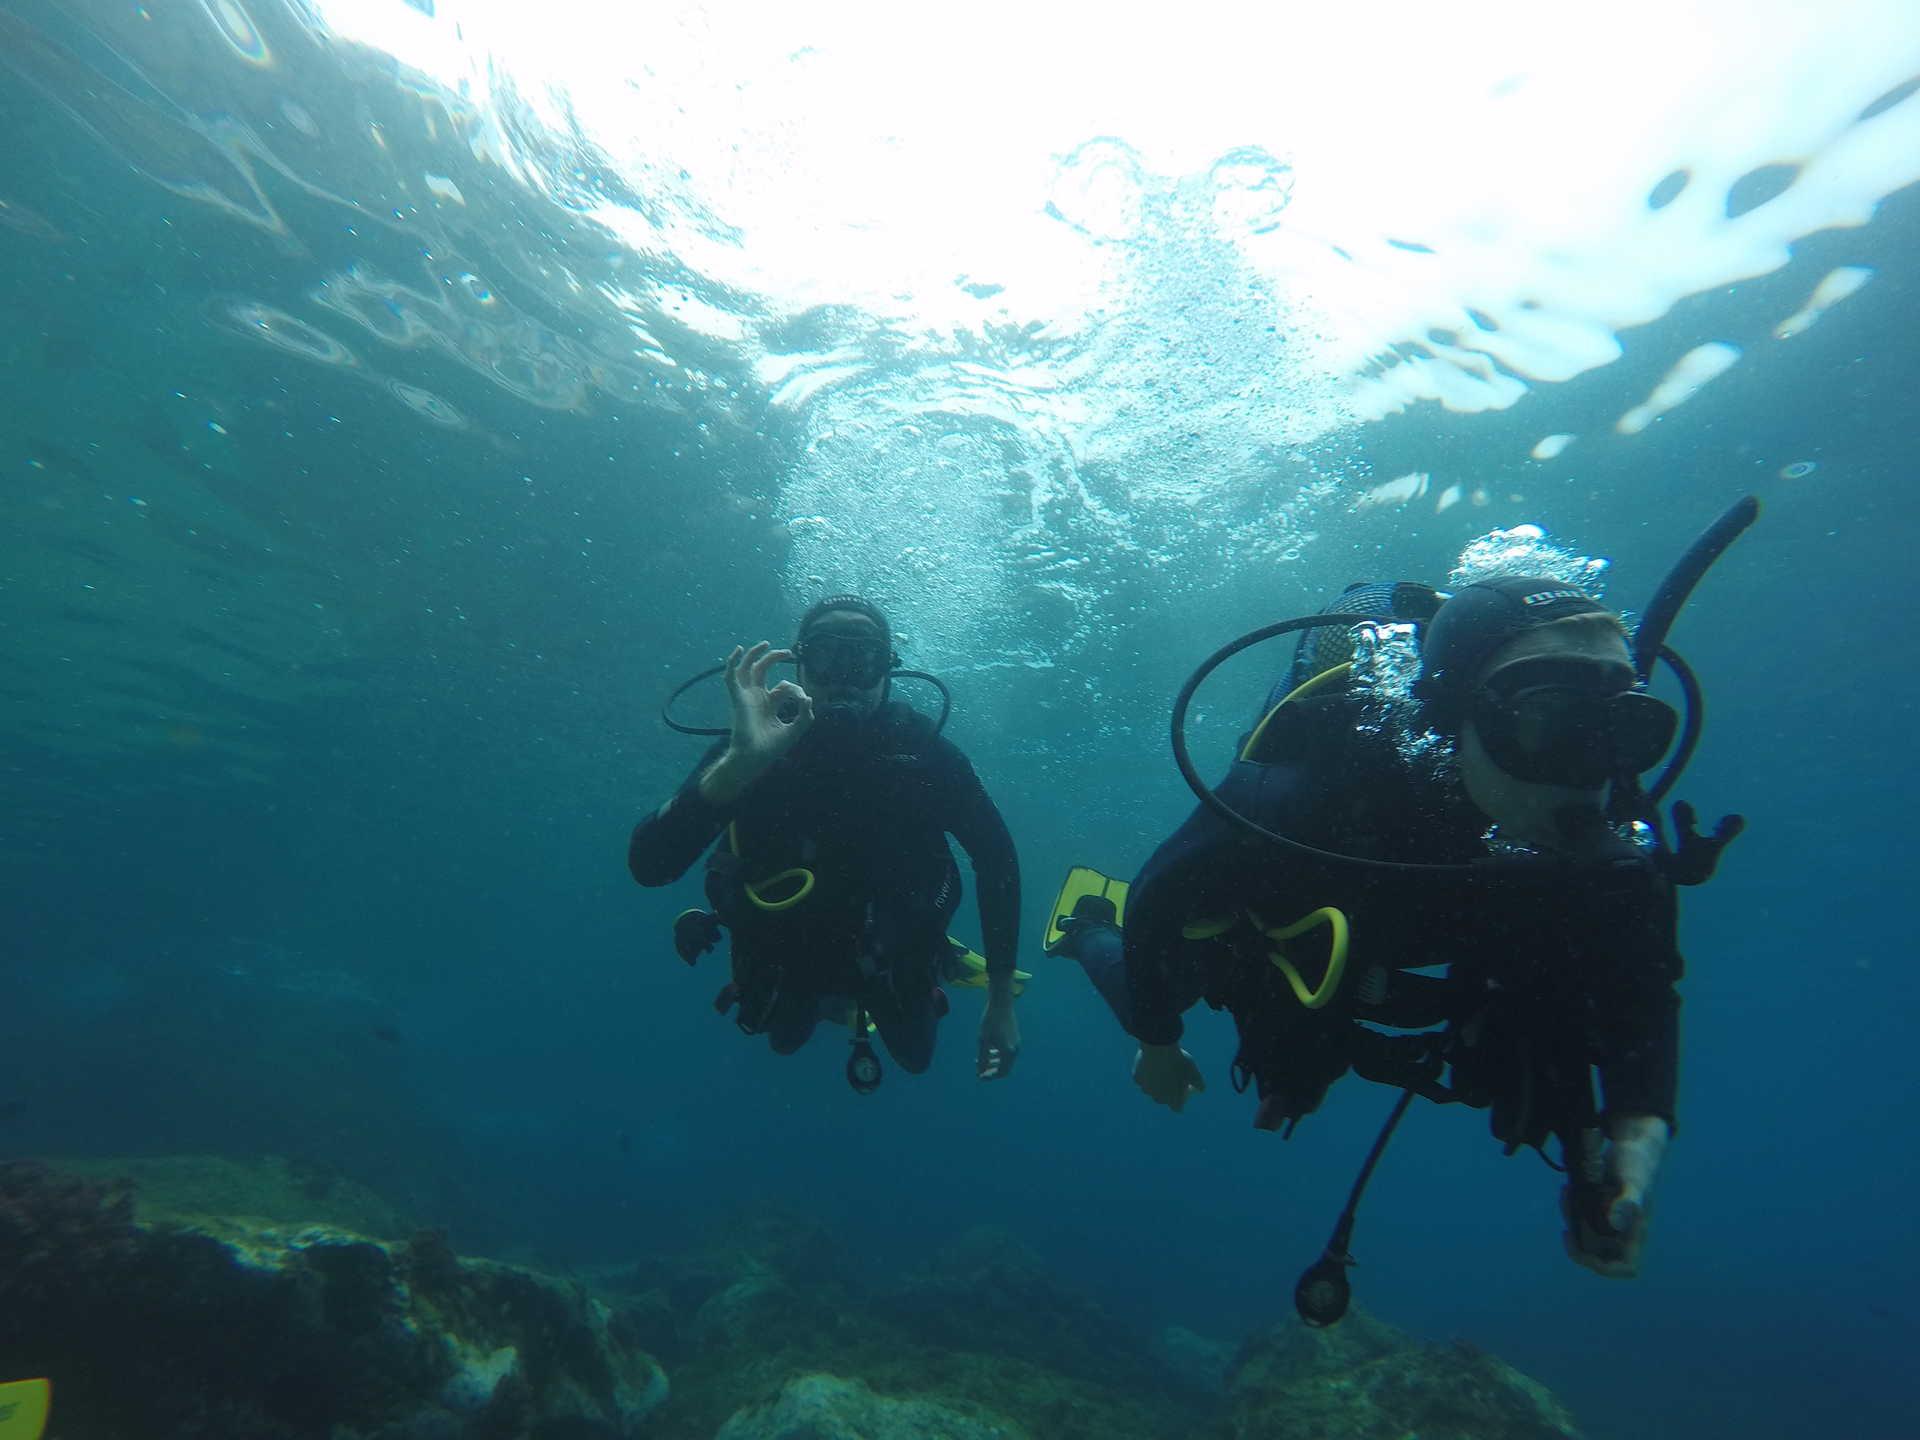 Inmersión de buceo